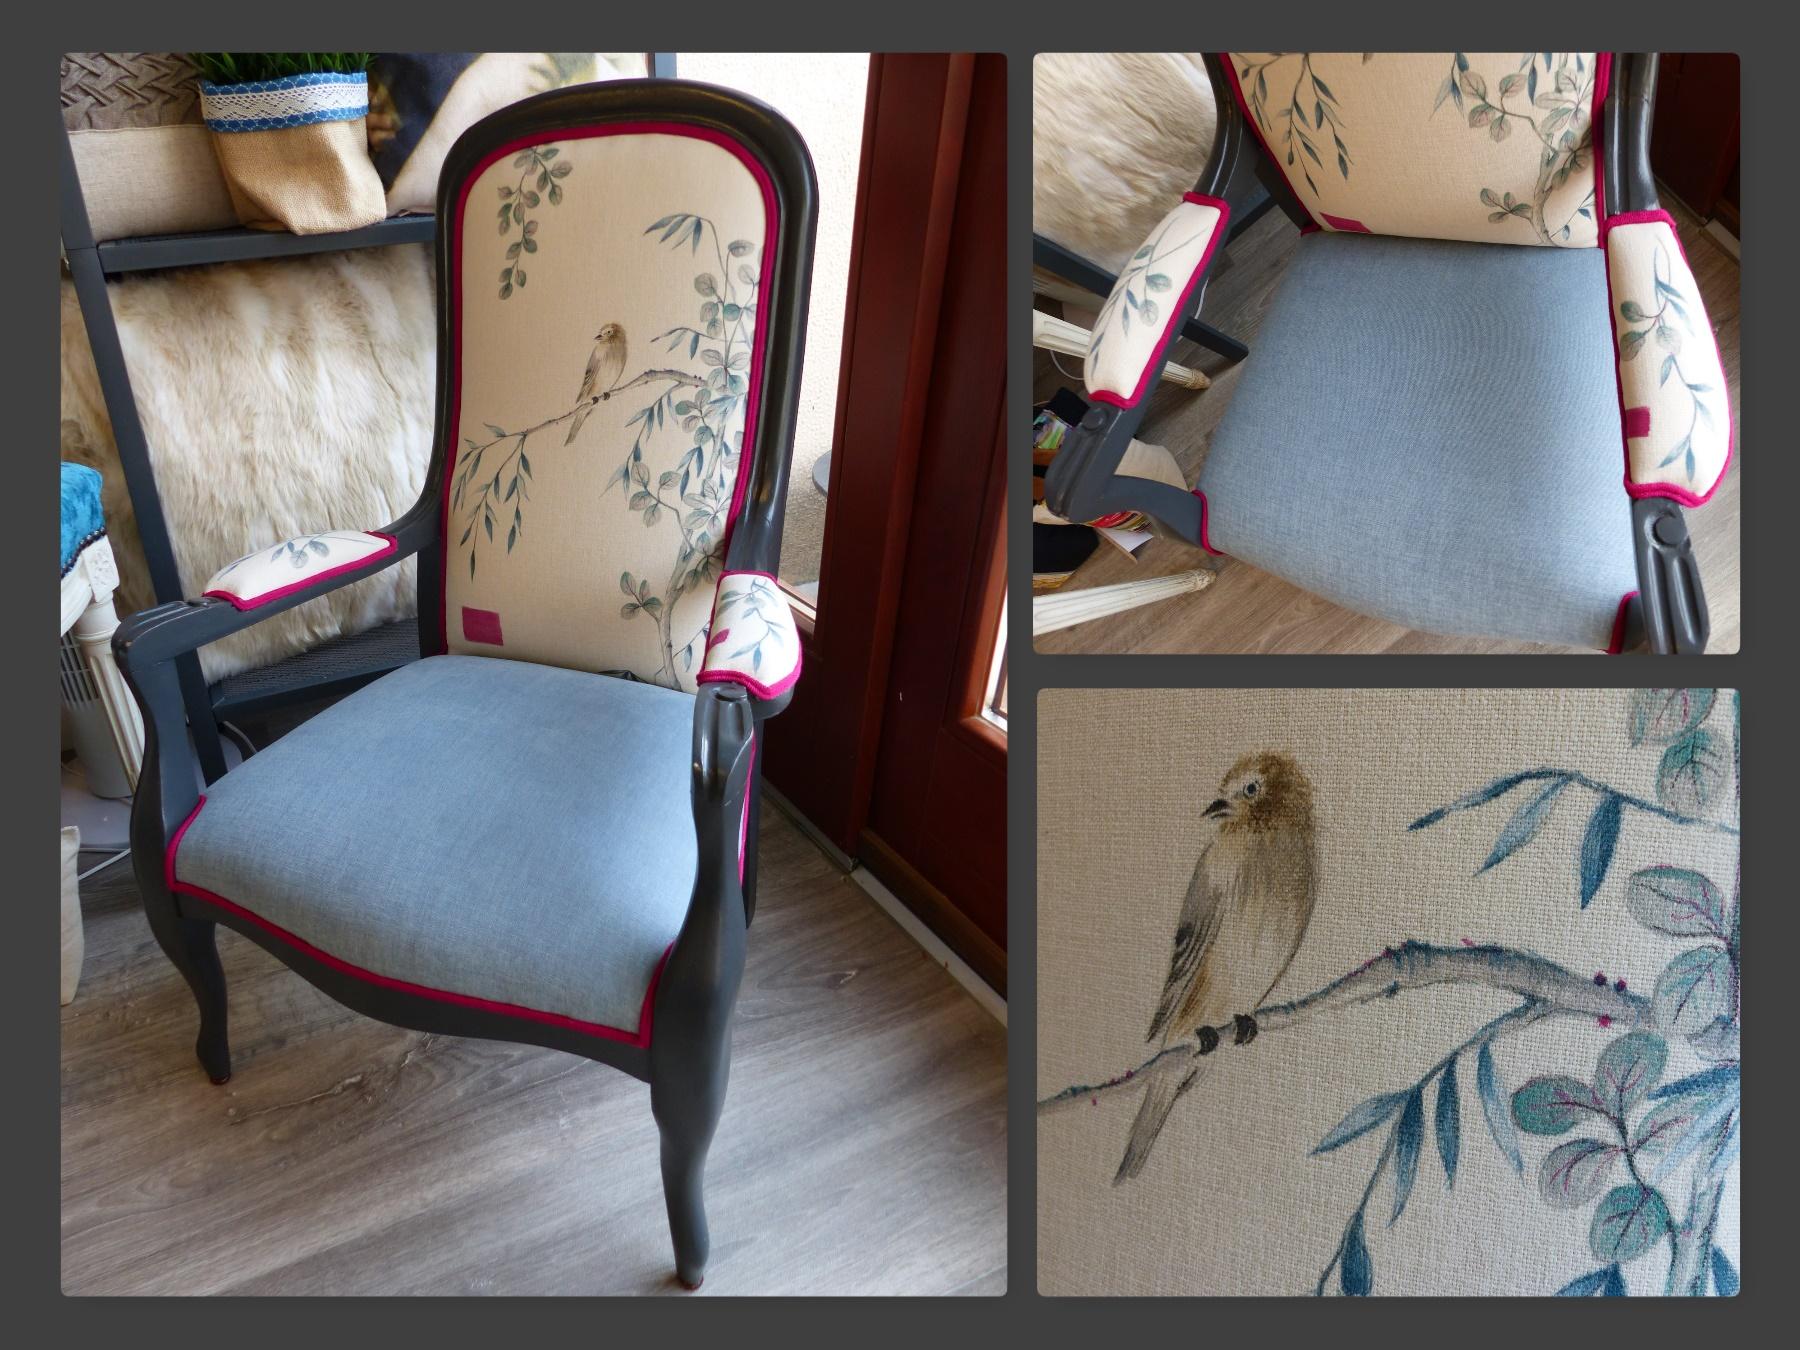 Voltaire enfant inspiration japon oiseau feuillage